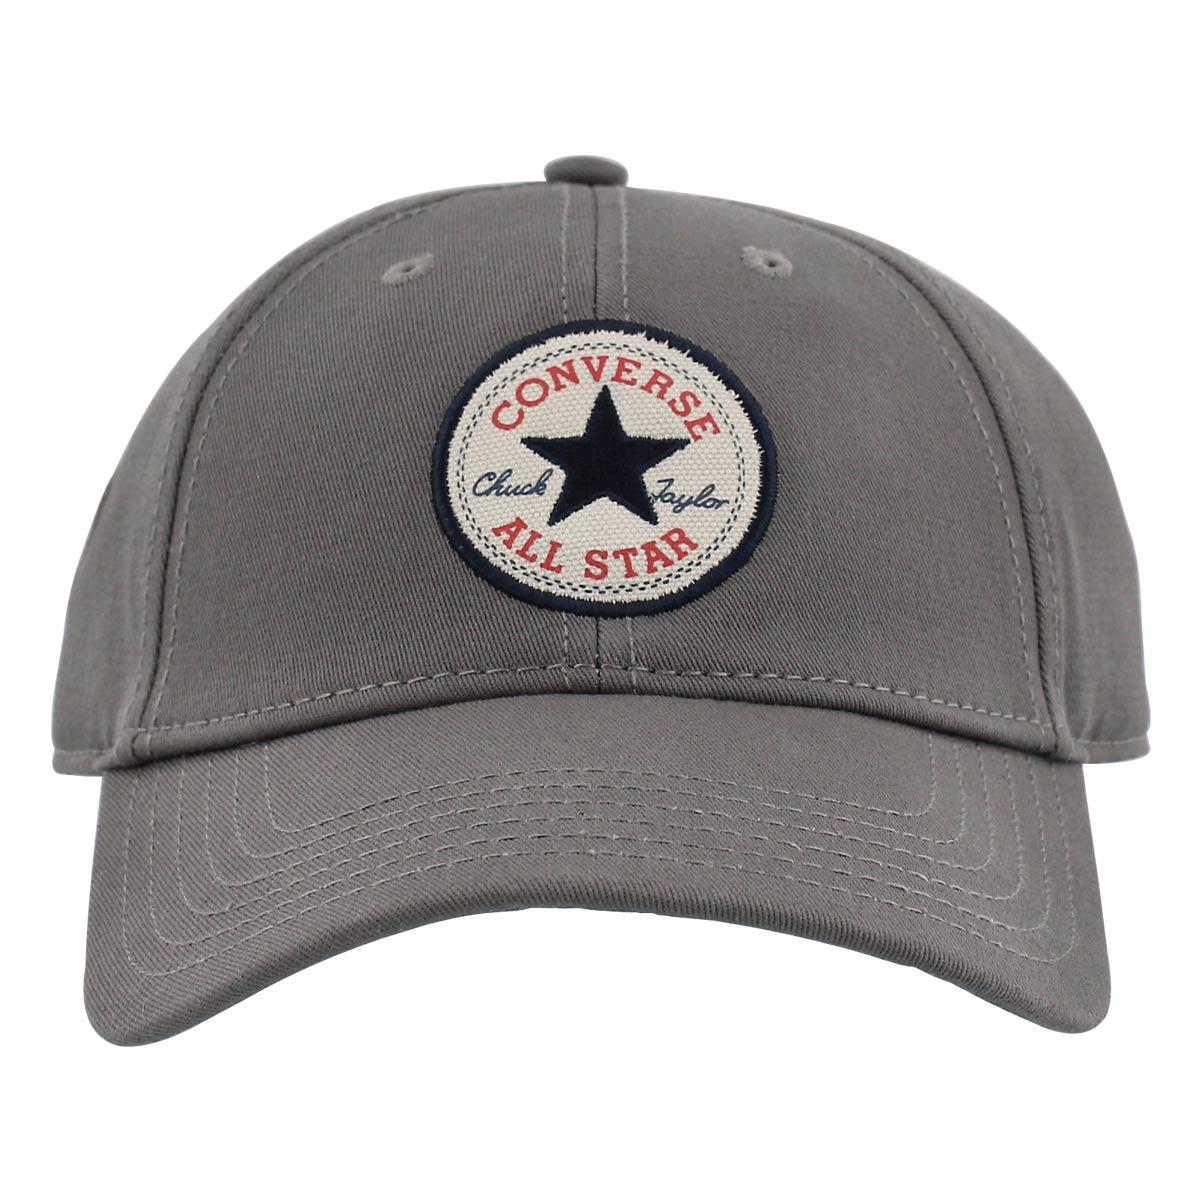 Men's CORE charcoal adjustable precurve caps